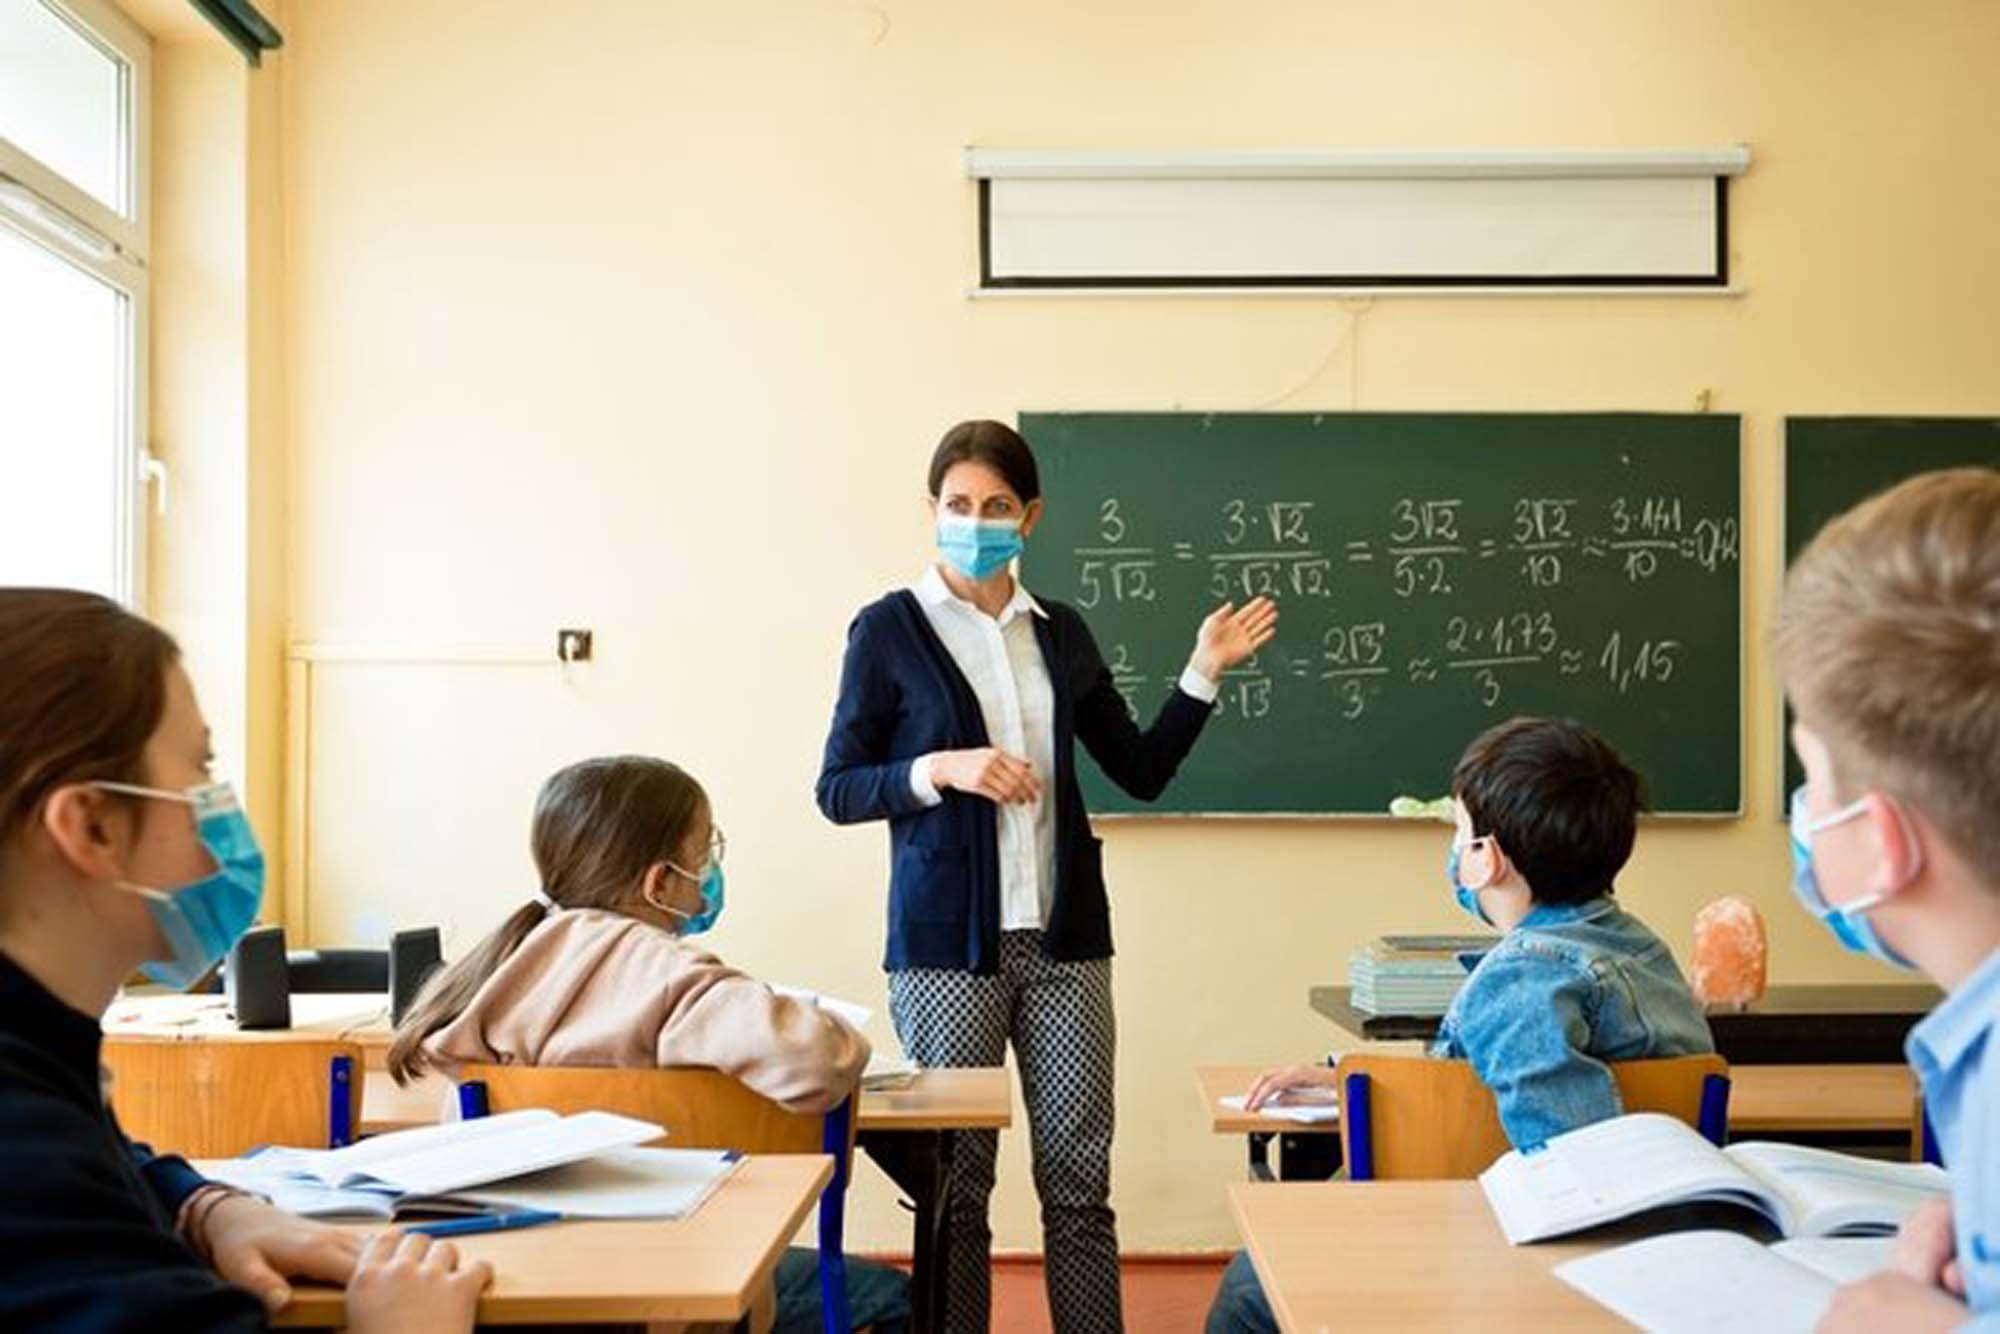 Kabine toplantısı okullar kapatılacak mı? | MEB Okullarda gün sayısı düşecek mi 2021?